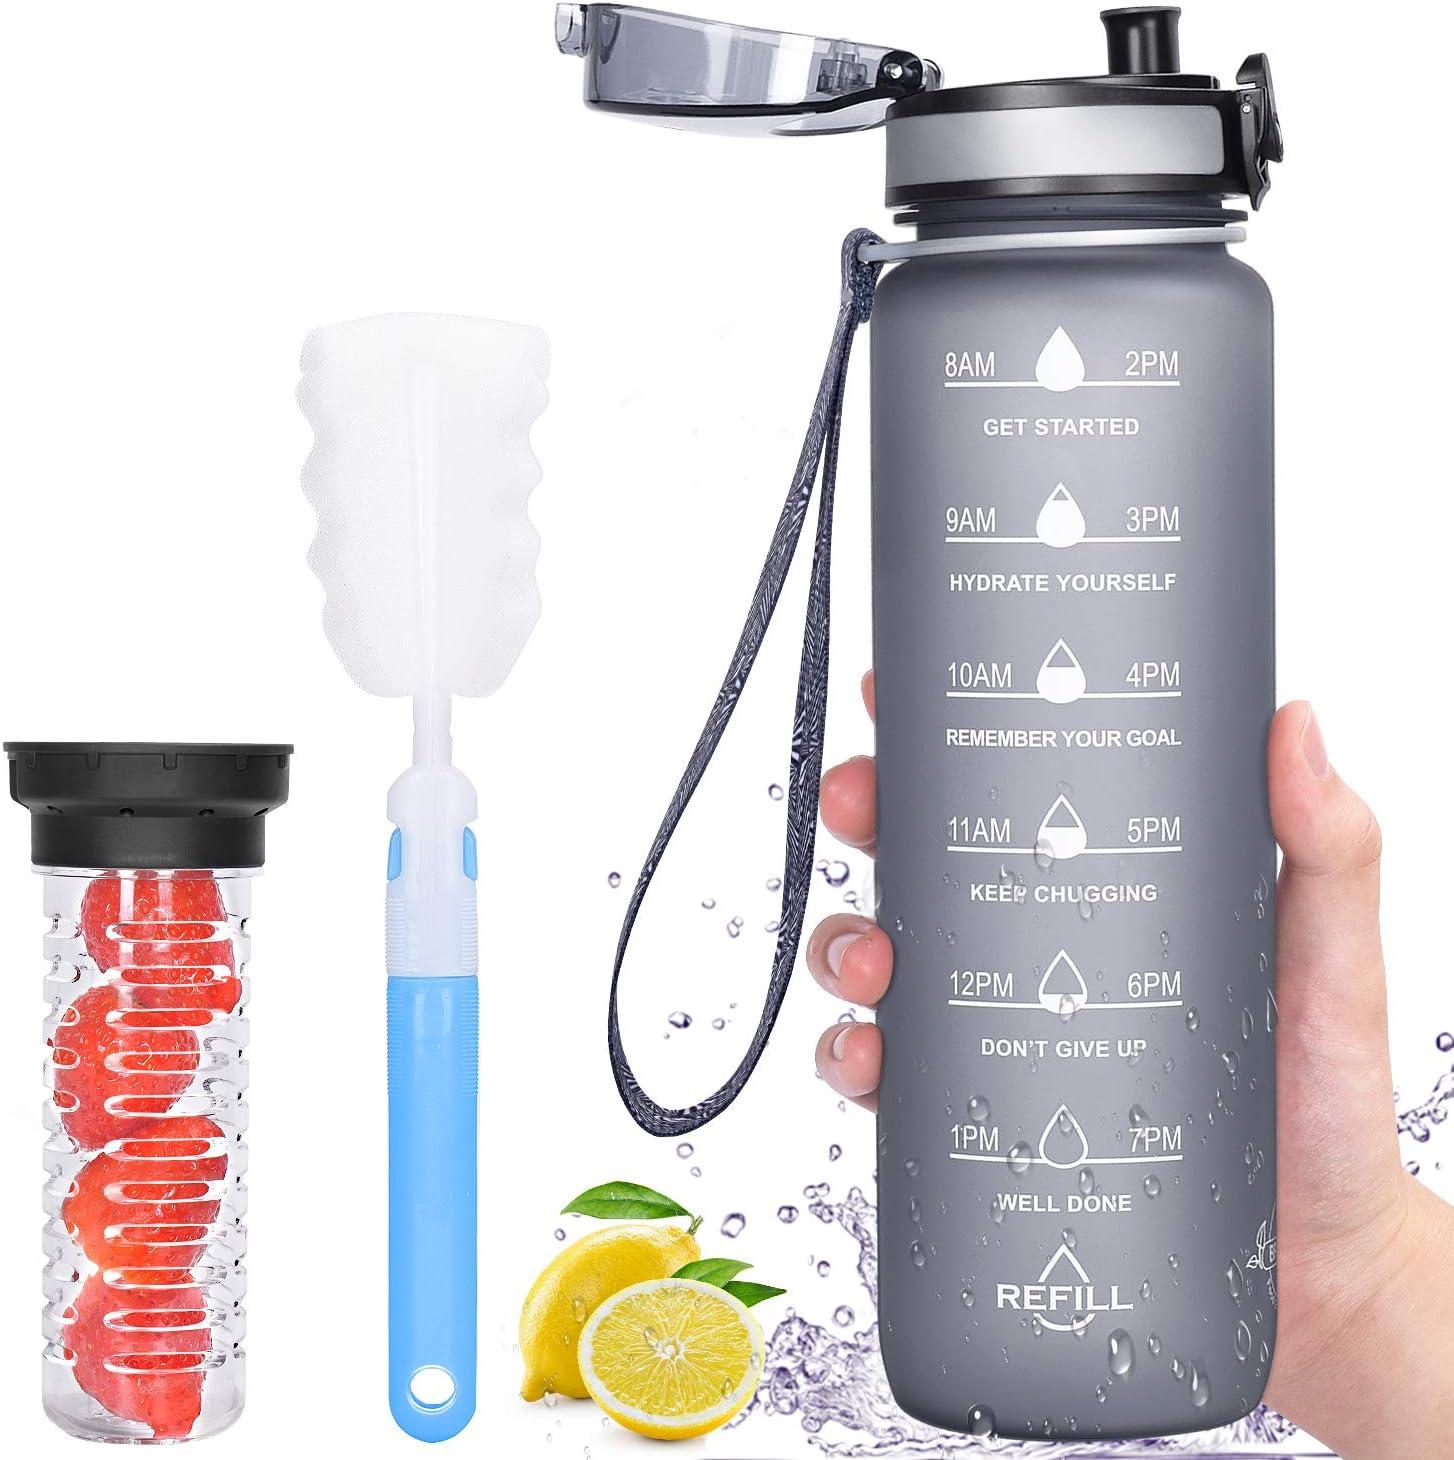 Filtro de infusor de Frutas y Cepillo de Limpieza pl/ástico Tritan sin BPA Favofit 1 Litro Botella de Agua Deportiva con Marcador de Tiempo Motivacional a Prueba de Fugas